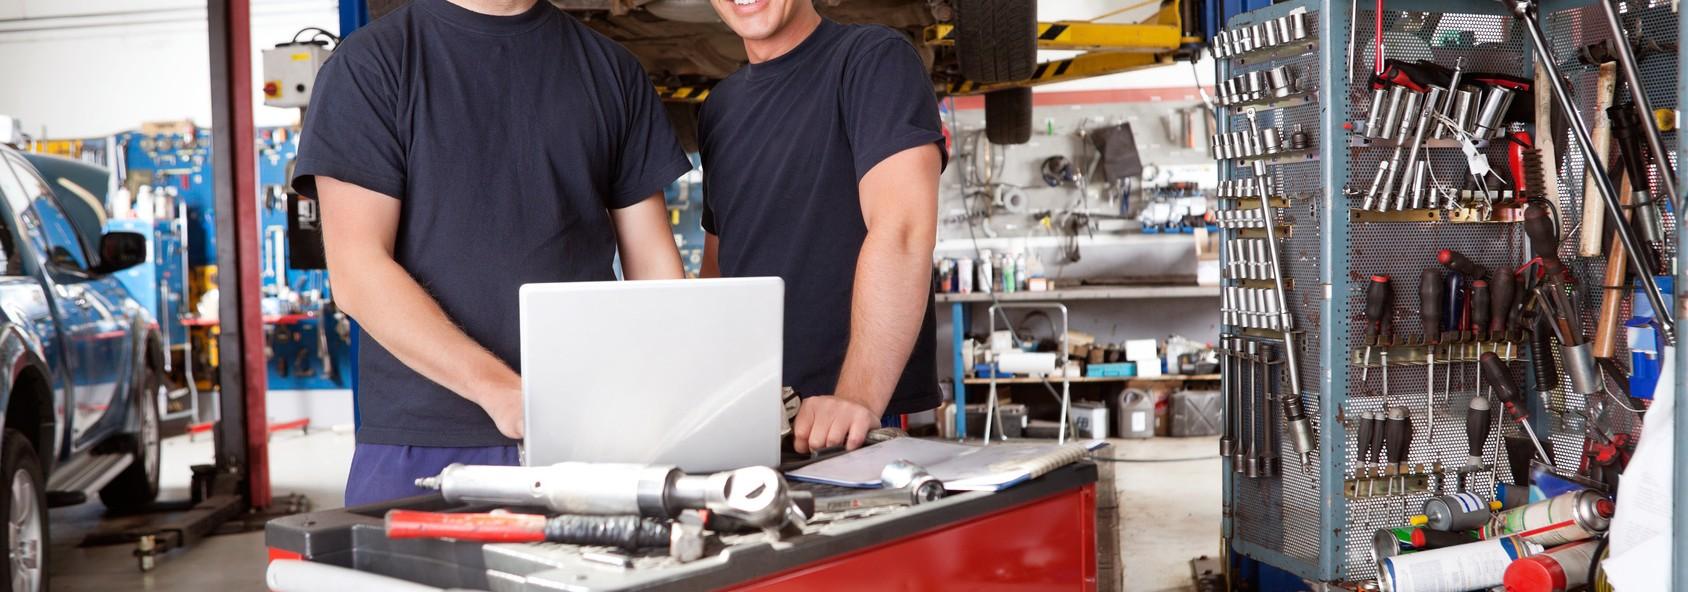 Portrait of smiling mechanics